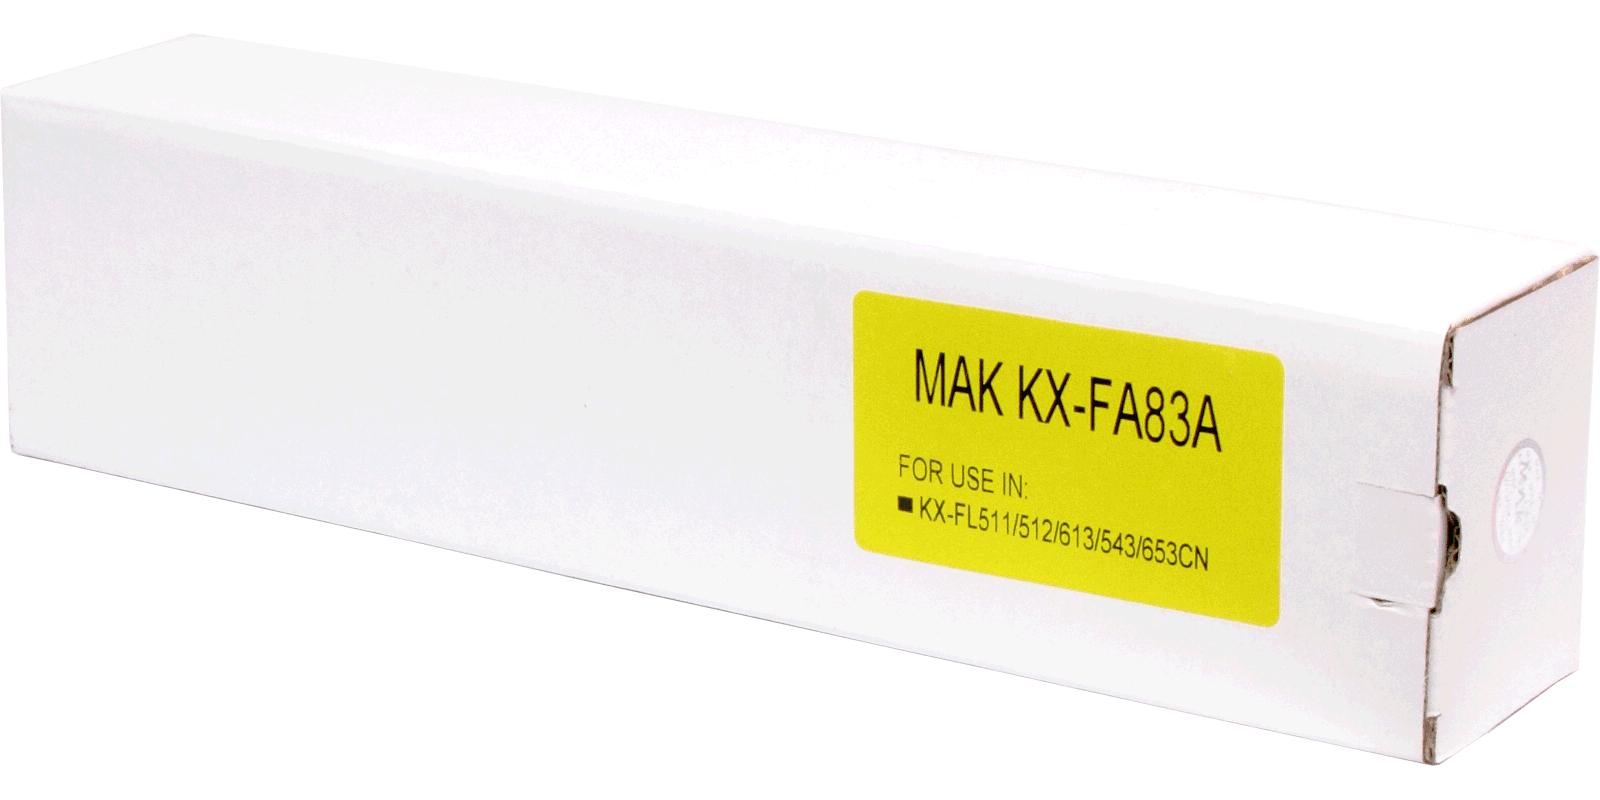 Картридж Туба MAK© KX-FA83A черный (black), до 2500 стр.